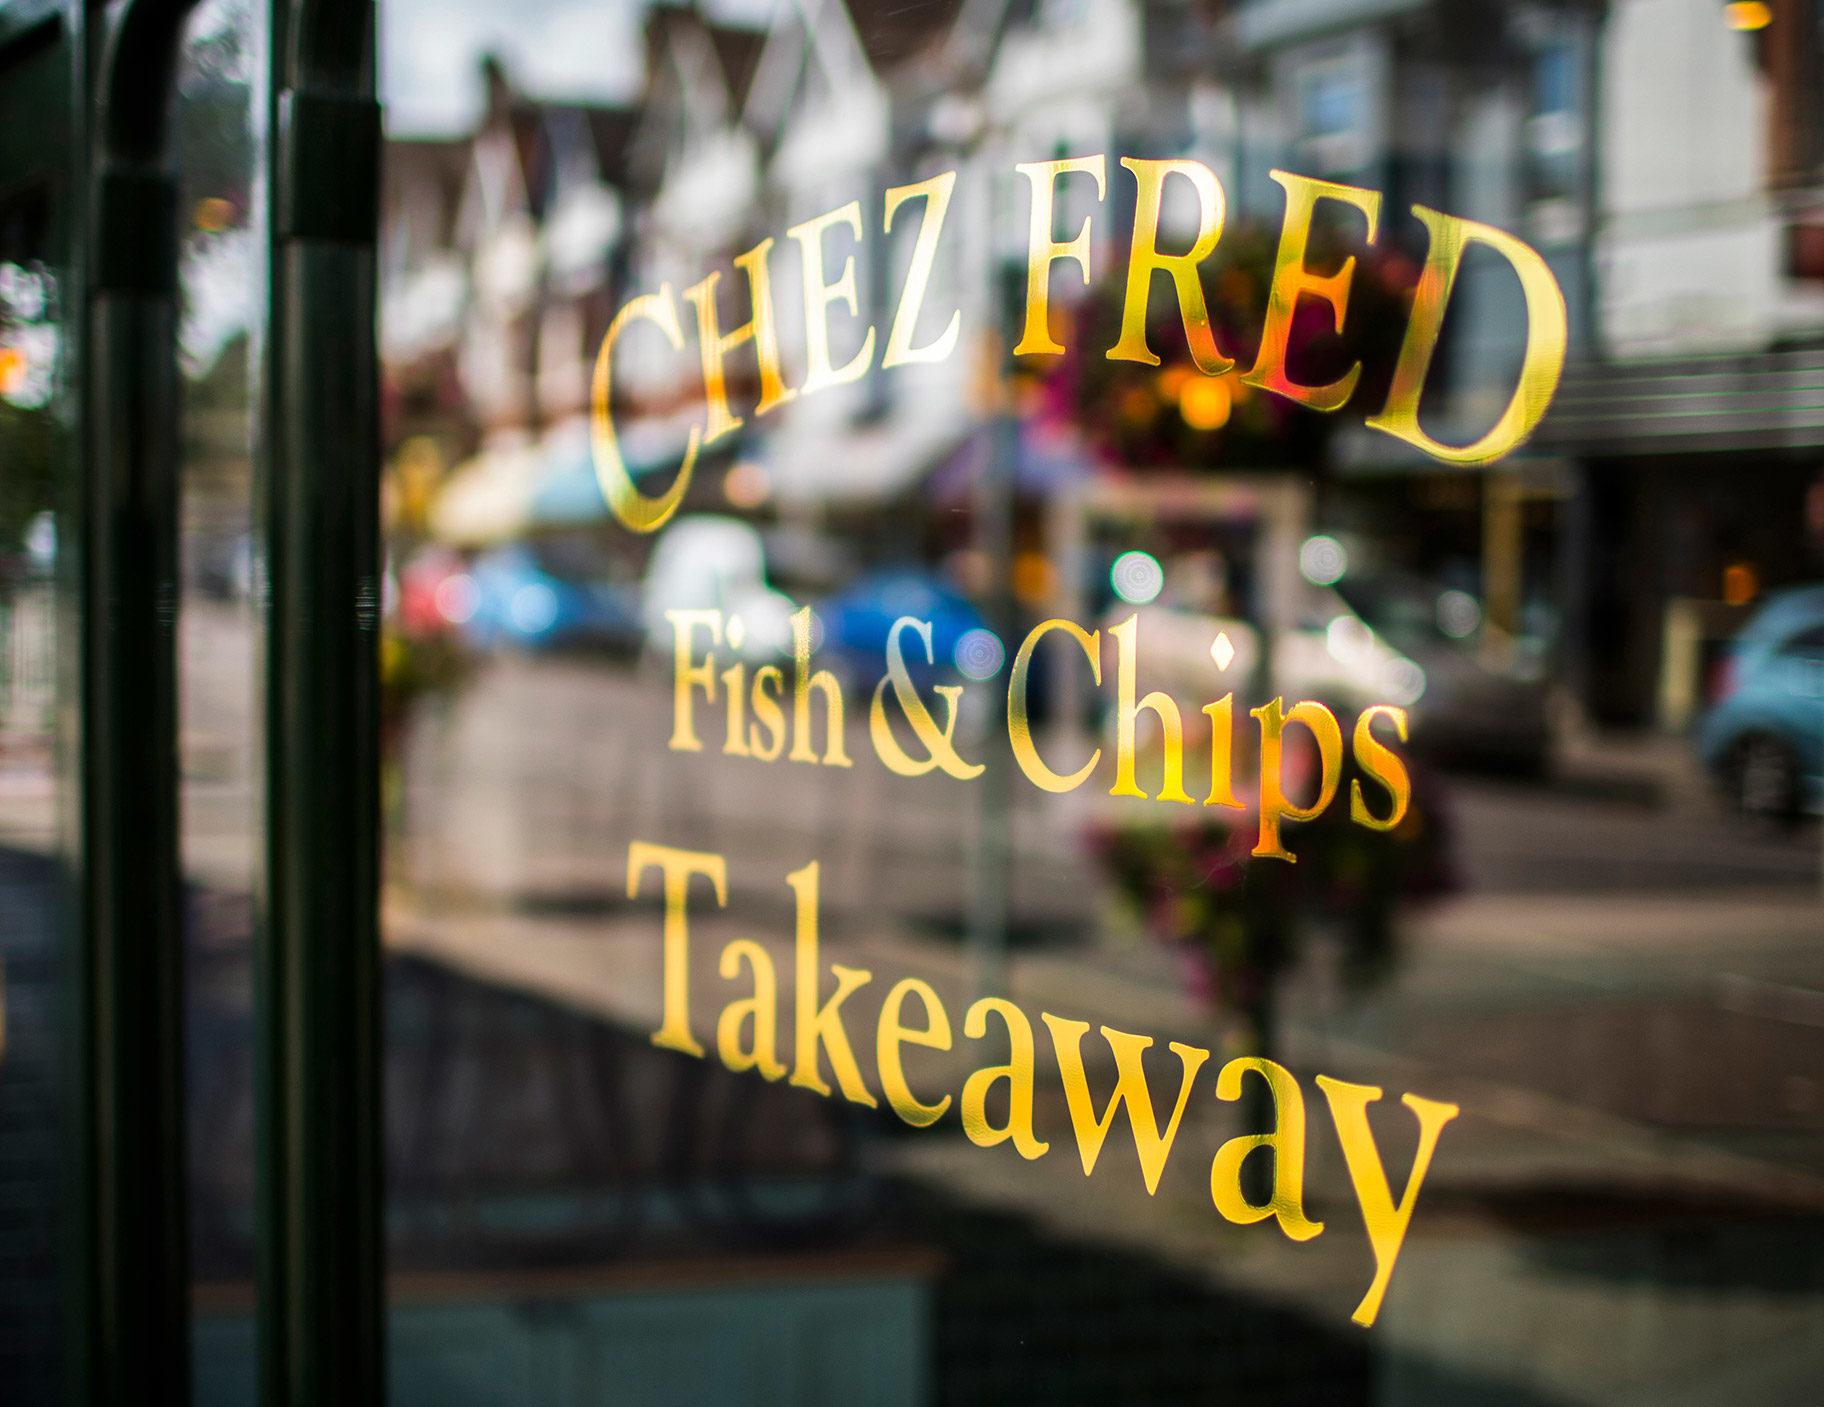 Chez Fred Takeaway